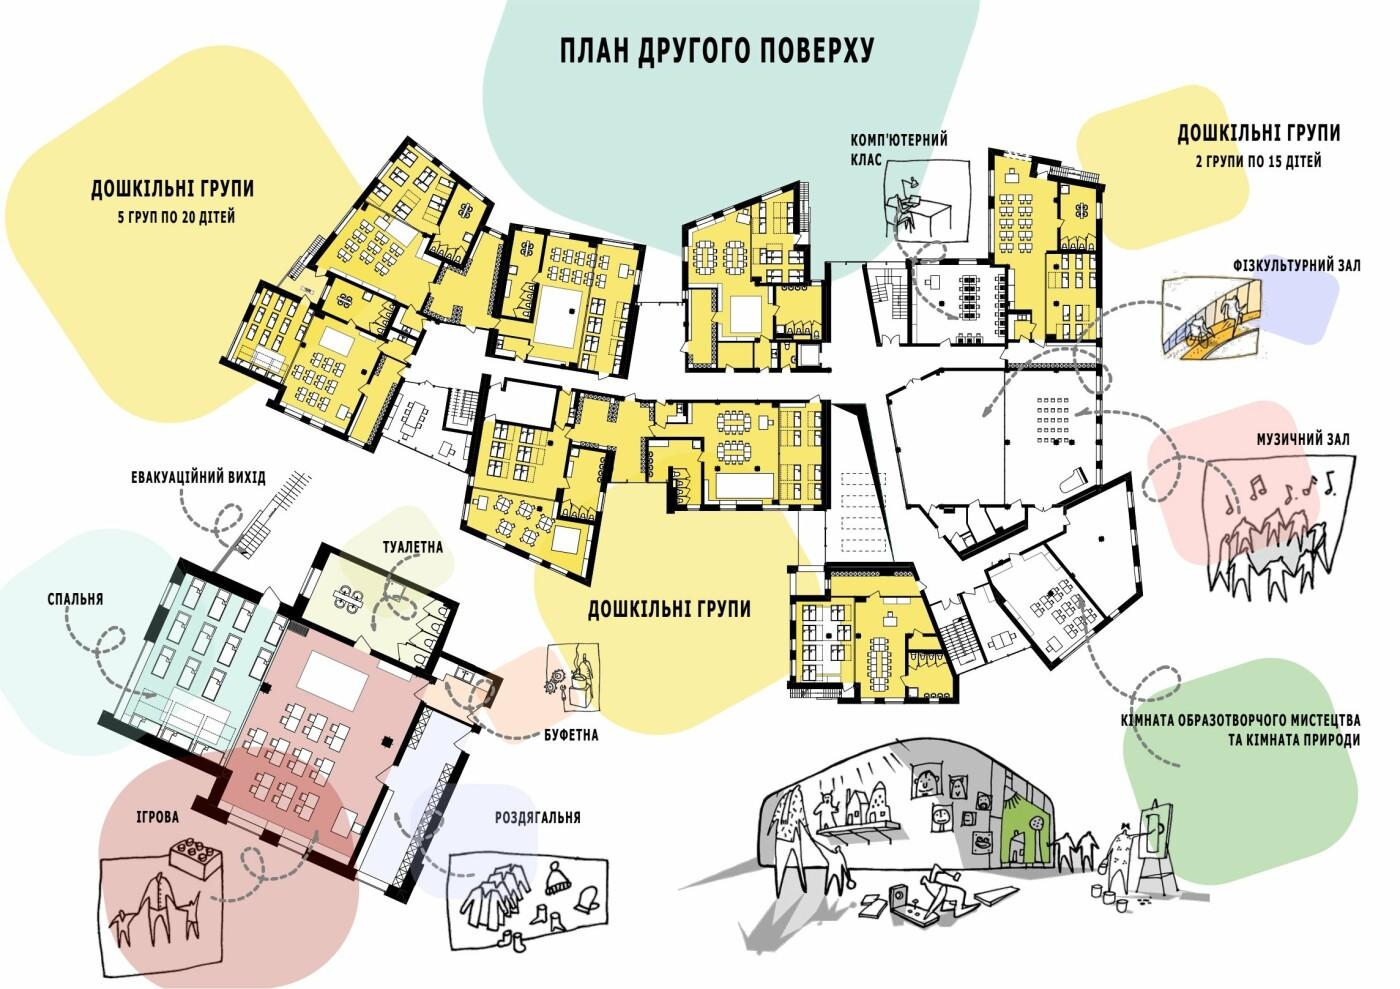 В Ужгороді з'явиться новий сучасний дитсадок на 250 місць (ФОТО, ПРОЕКТ), фото-5